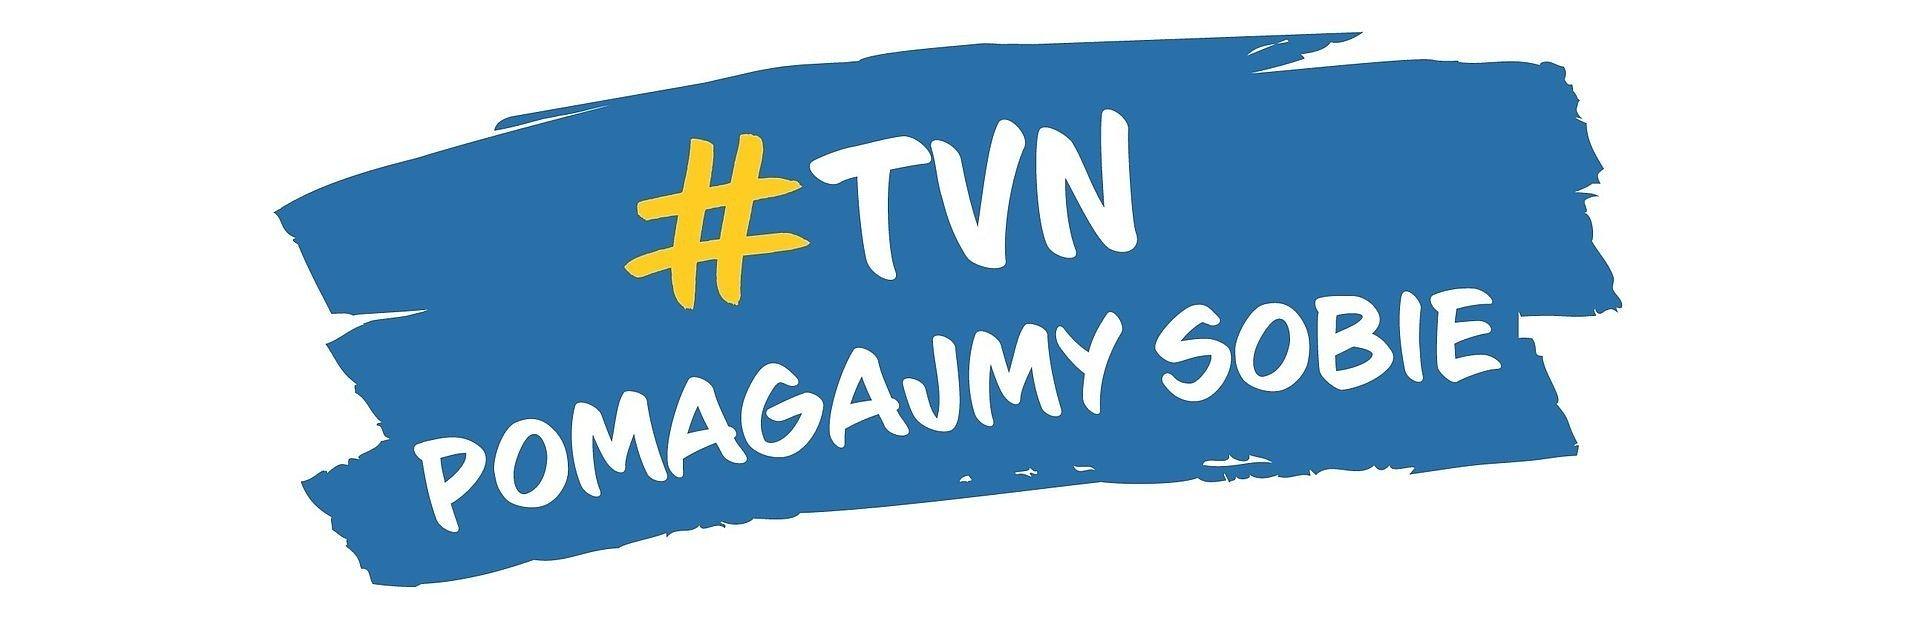 #TVN POMAGAJMY SOBIE– 65 000 posiłków dla najuboższych w grudniu, kolejne już w styczniu!